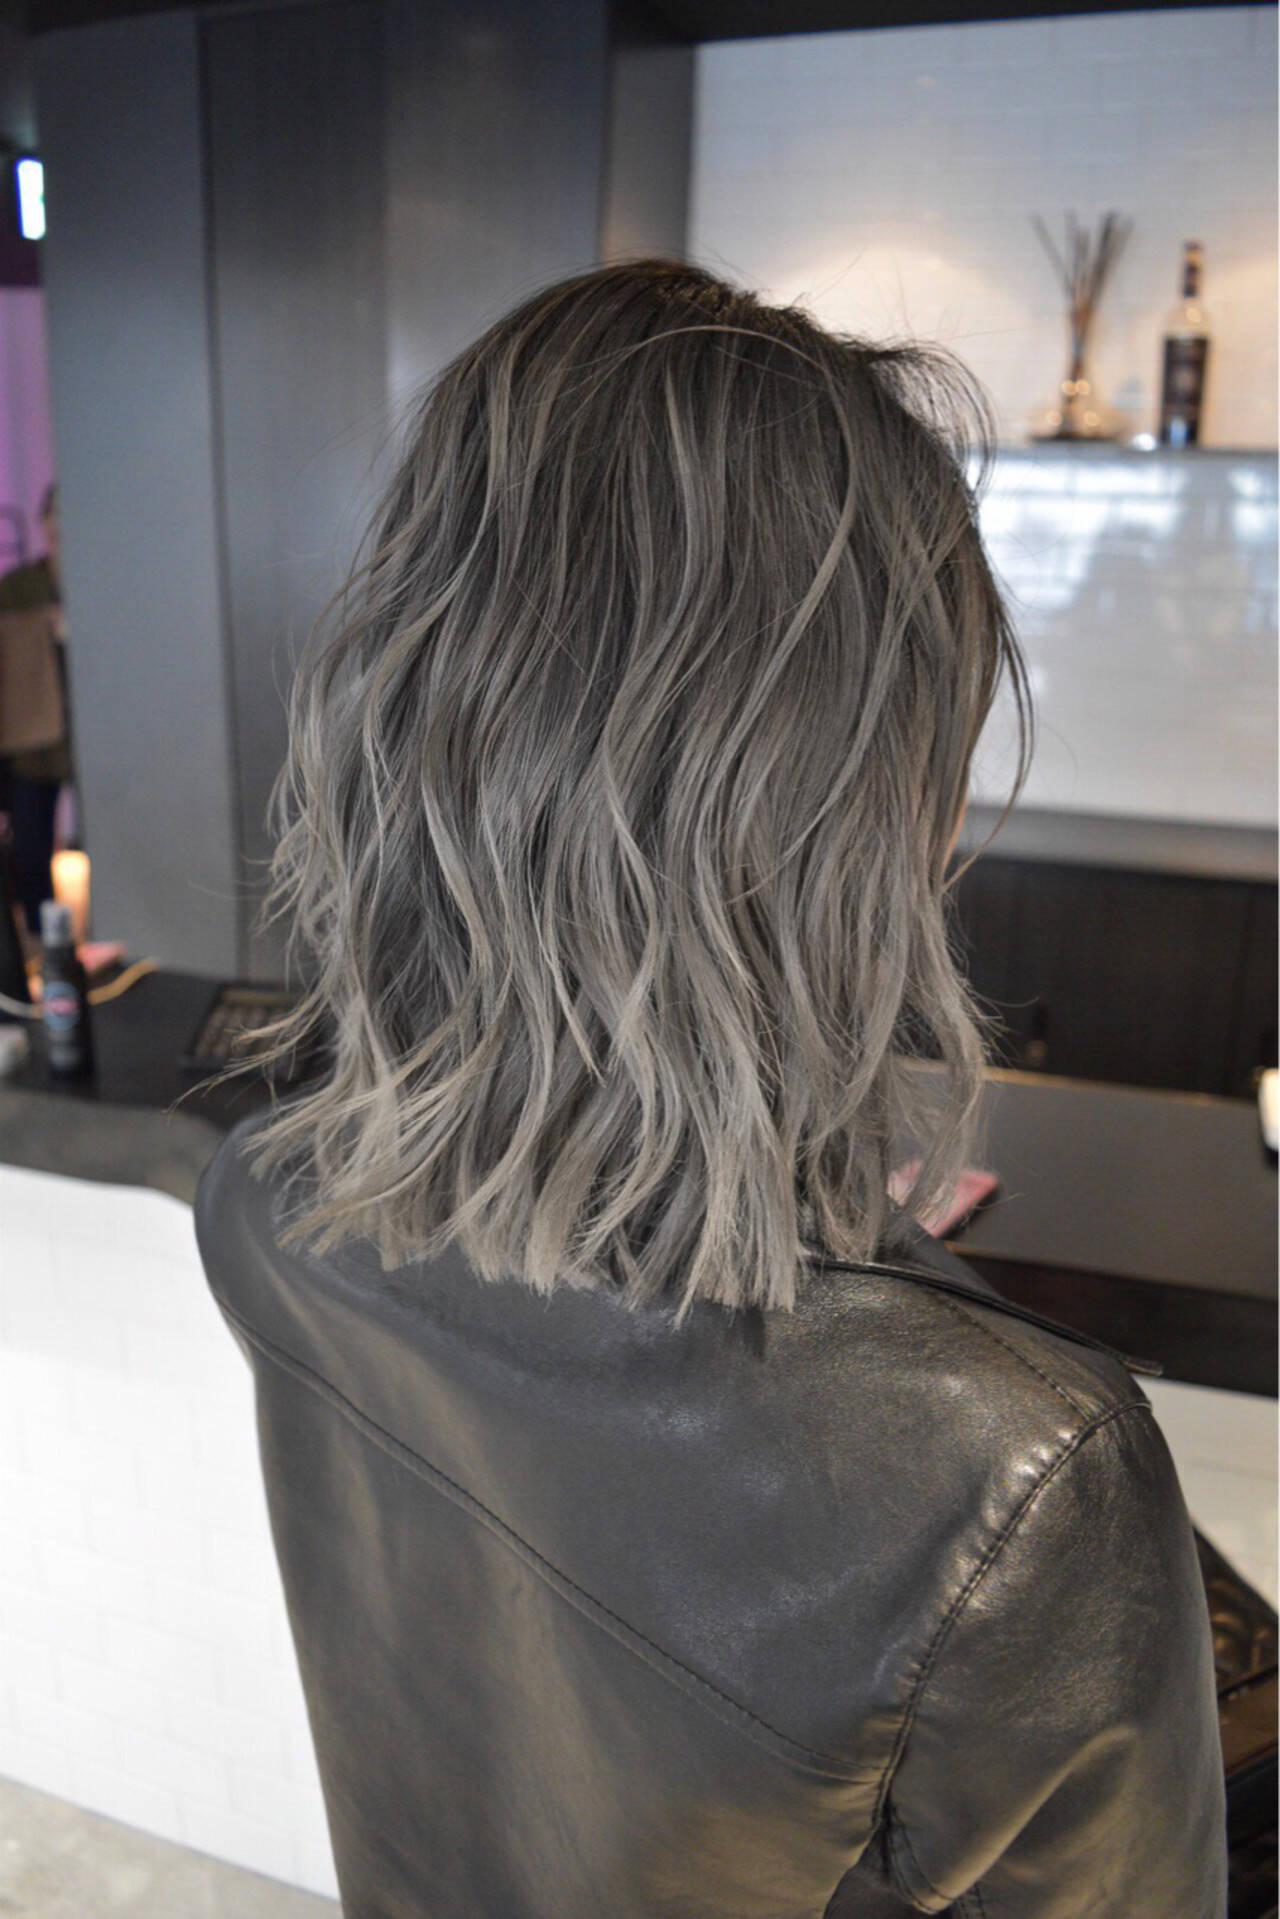 ミディアム グレージュ ハイライト バレイヤージュヘアスタイルや髪型の写真・画像